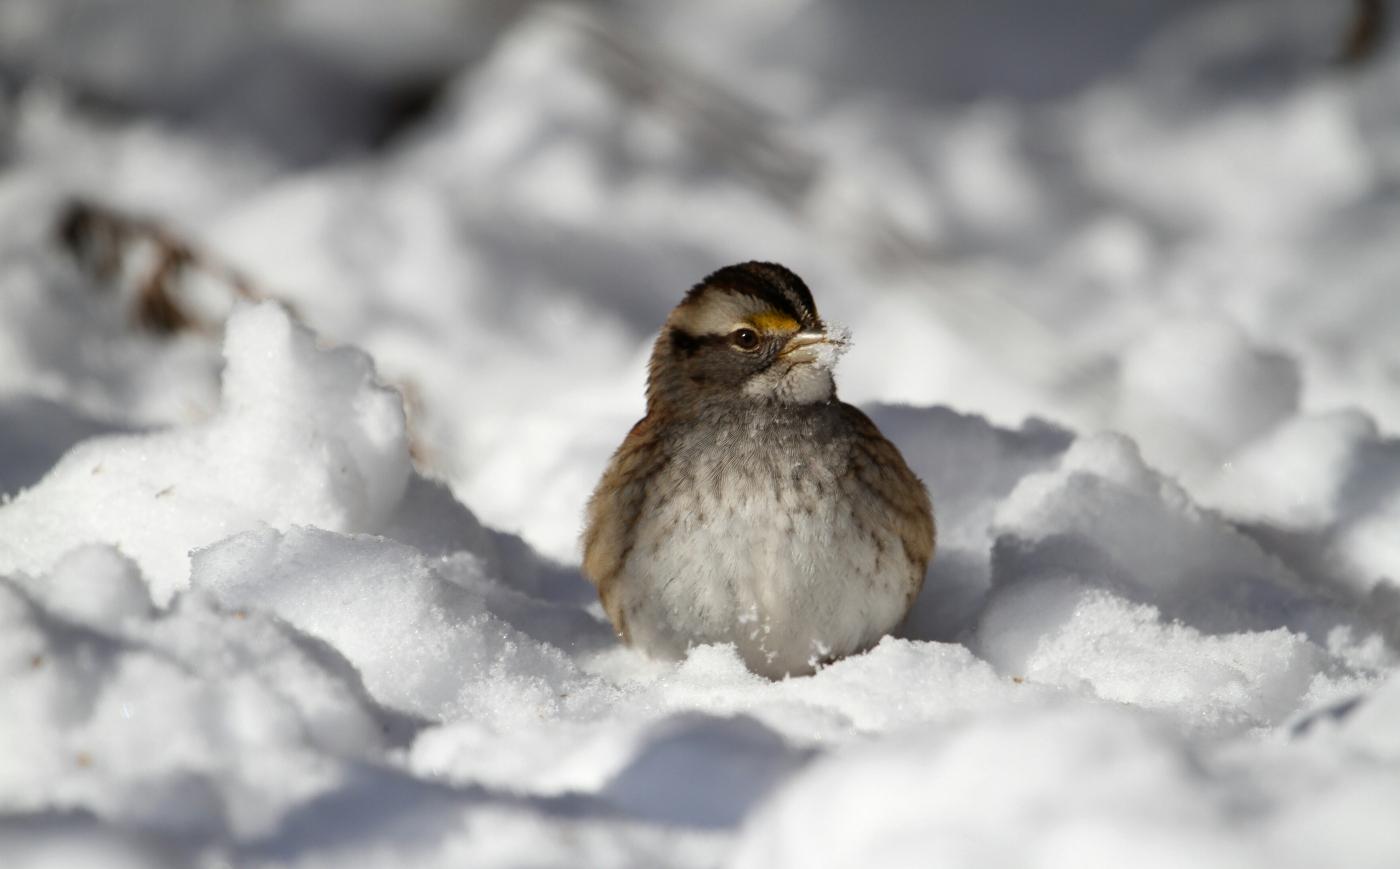 【田螺摄影】雪后去拍鸟随拍_图1-6